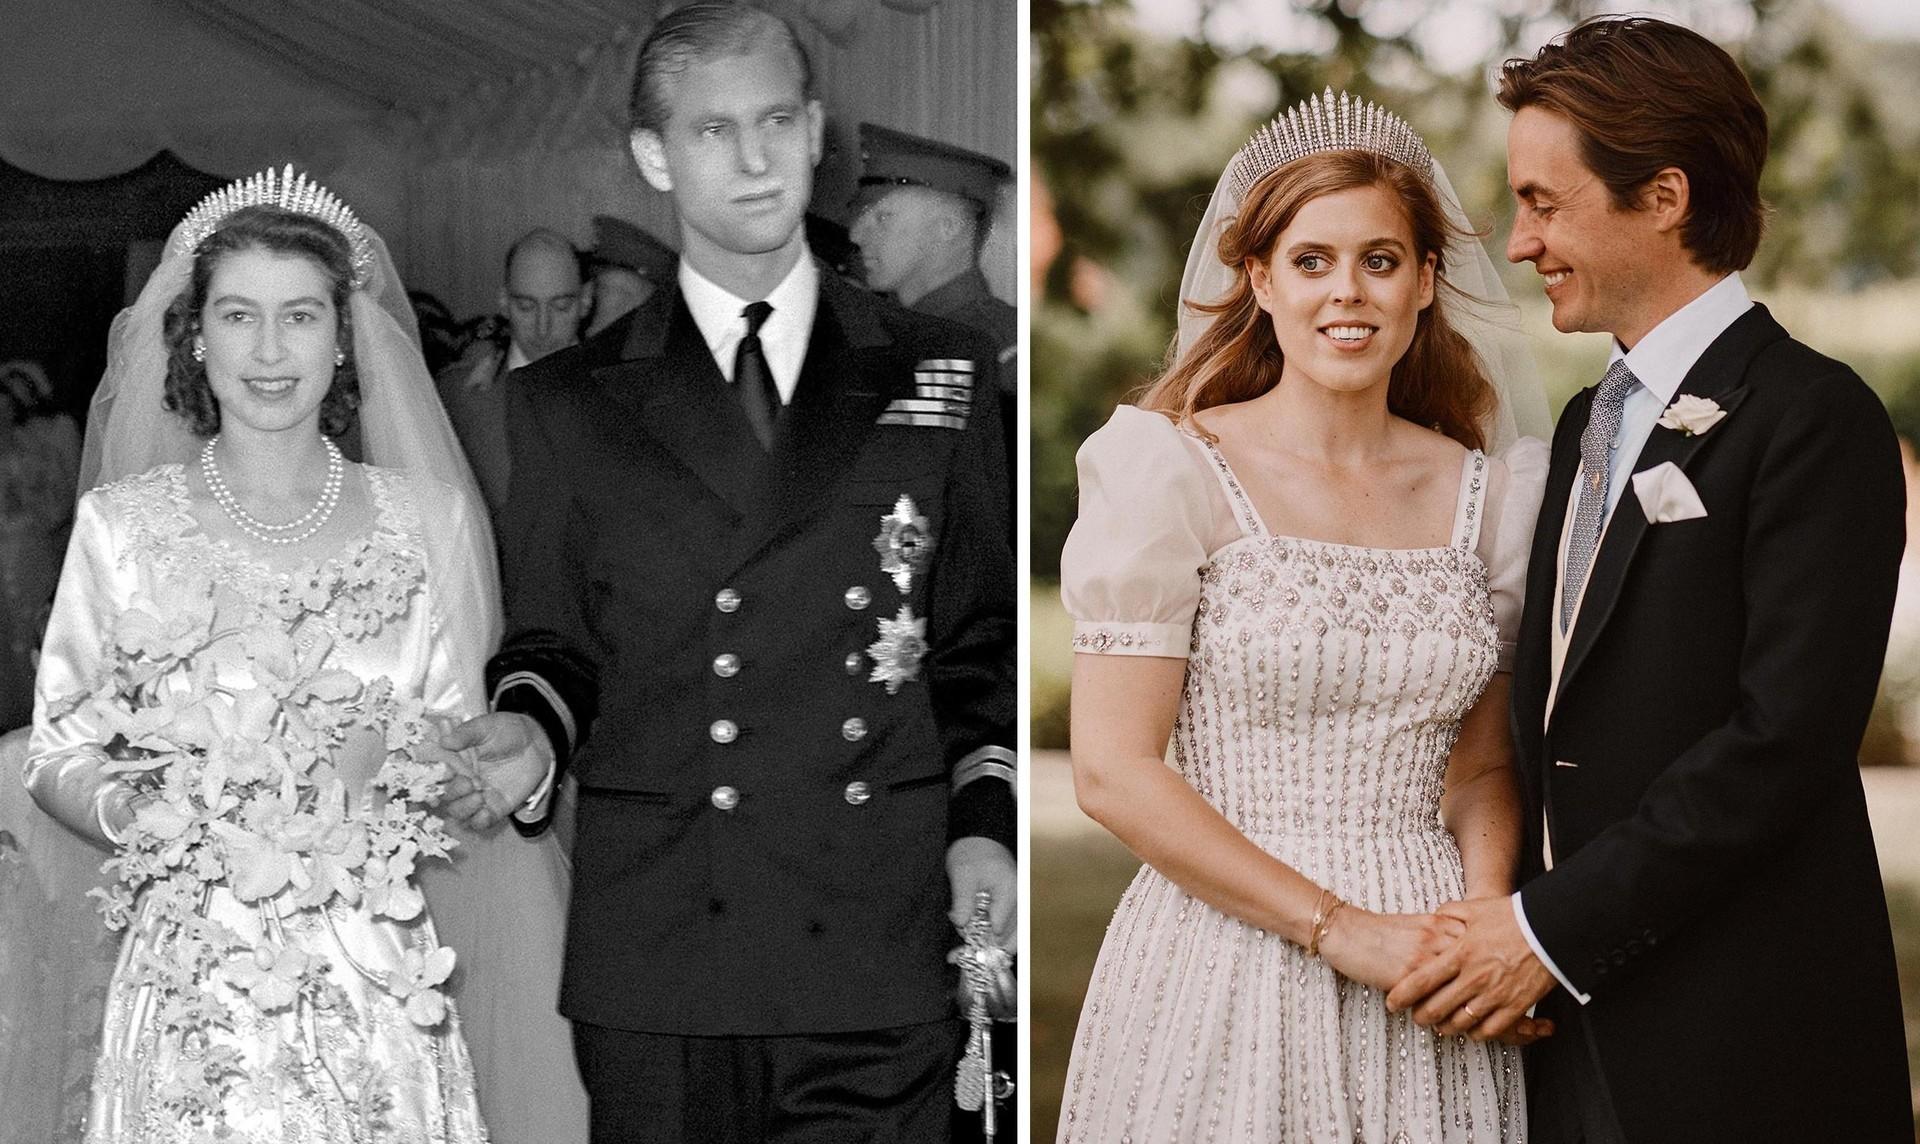 Casamento de Elizabeth 2ª em 1947 e casamento da princesa Beatrice em 2020